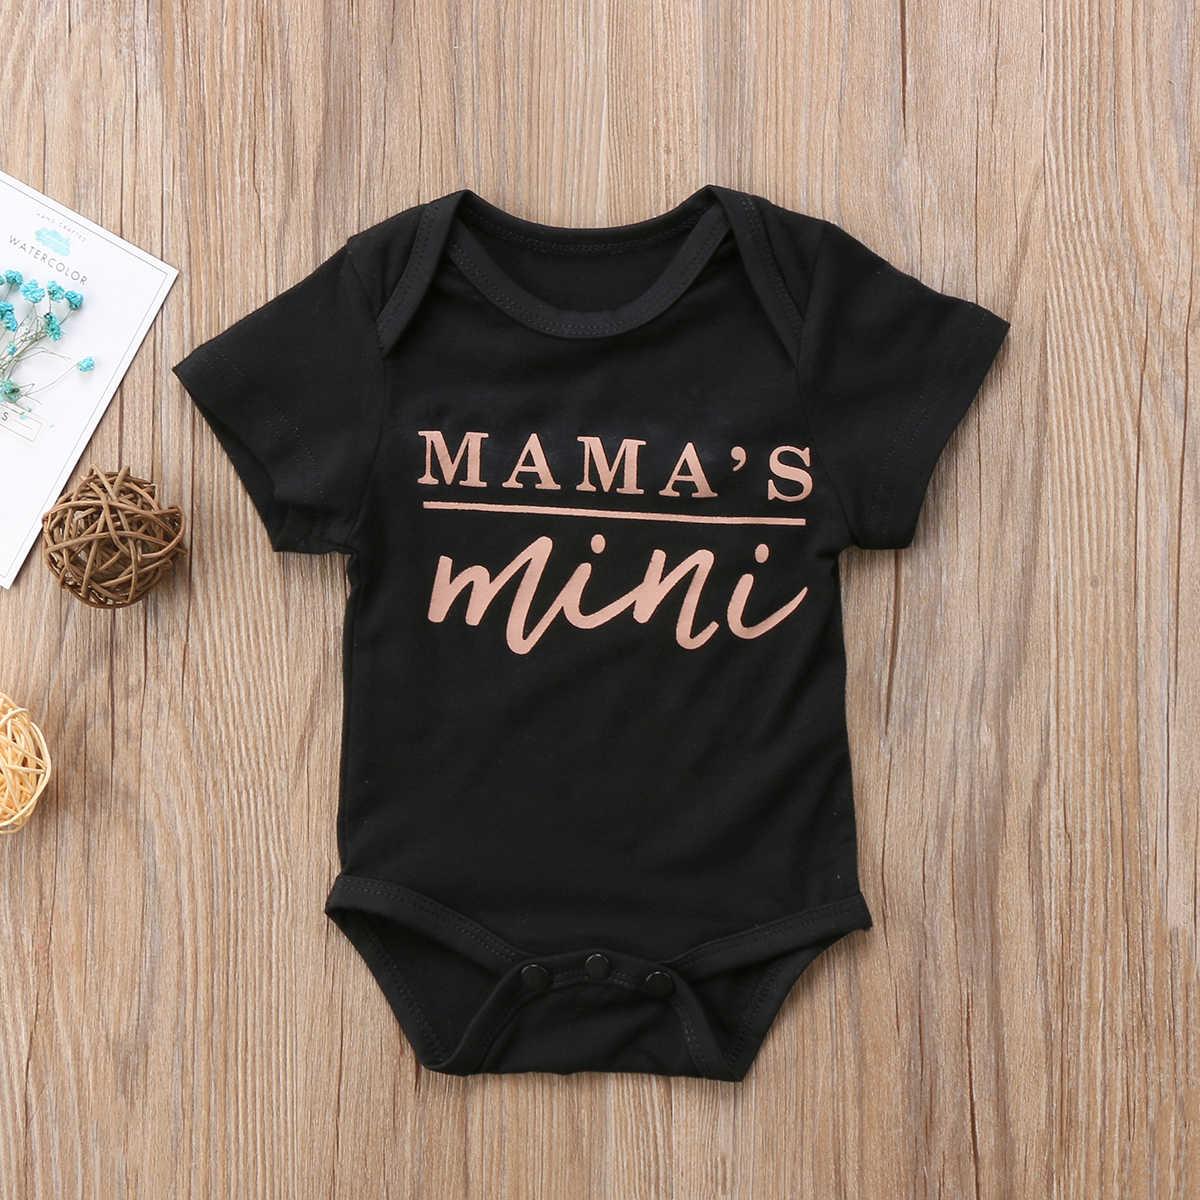 2019 Bebê Recém-nascido Do Bebê Roupas de Verão Meninos Meninas Roupas Roupas Carta Impressão de Manga Curta Bodysuit Macacão Sunsuit 0-18M